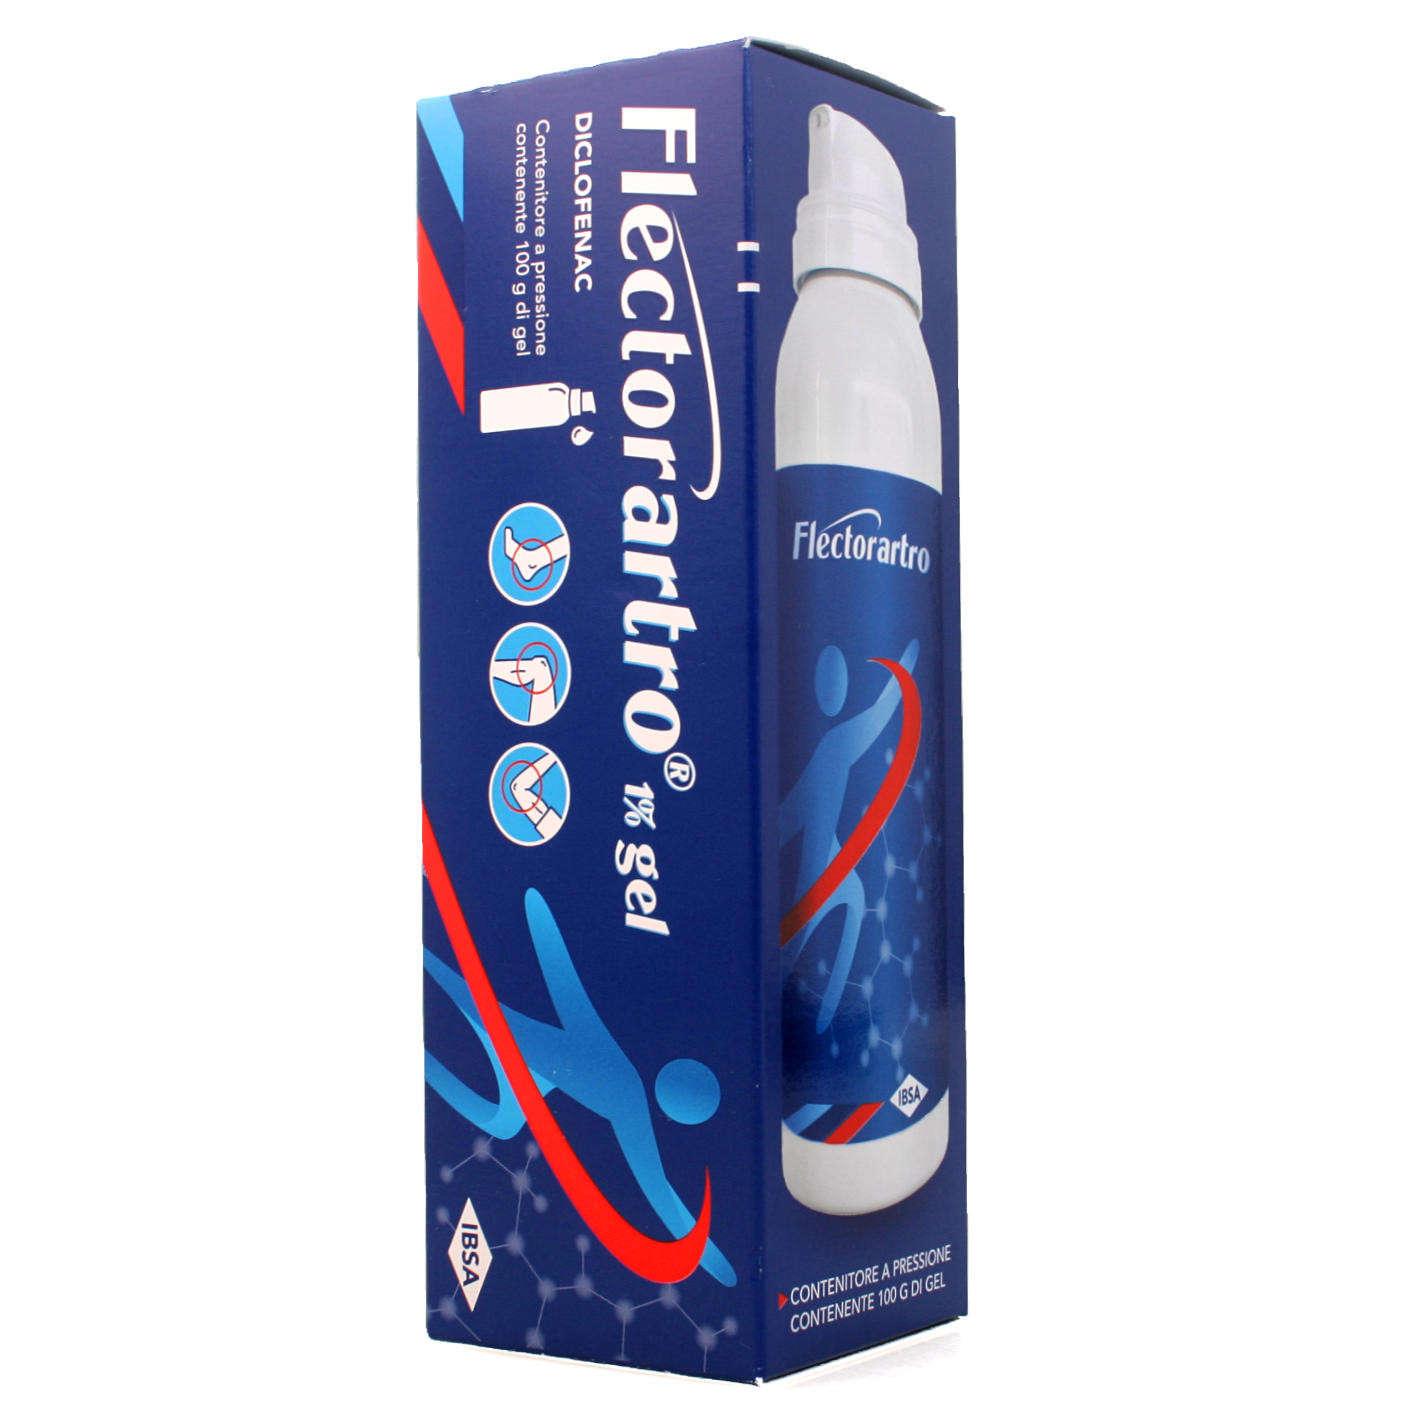 Flector - Flectorartro - 1% gel antidolorifico